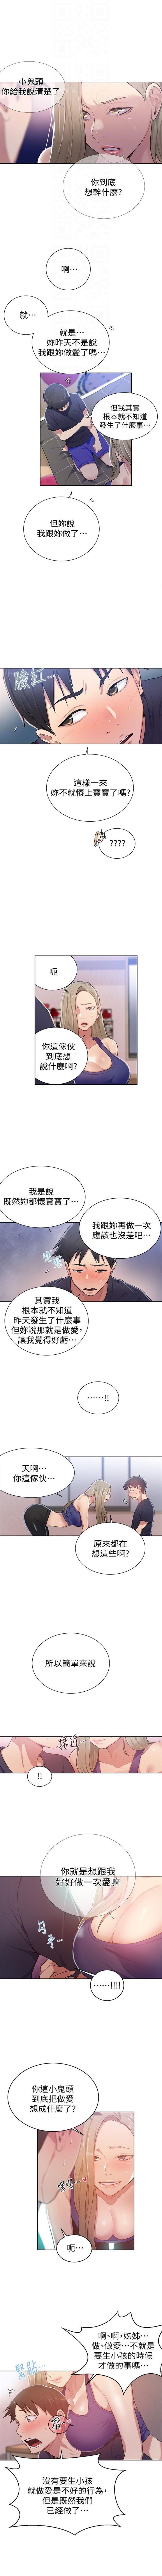 秘密教學  1-55 官方中文(連載中) 76